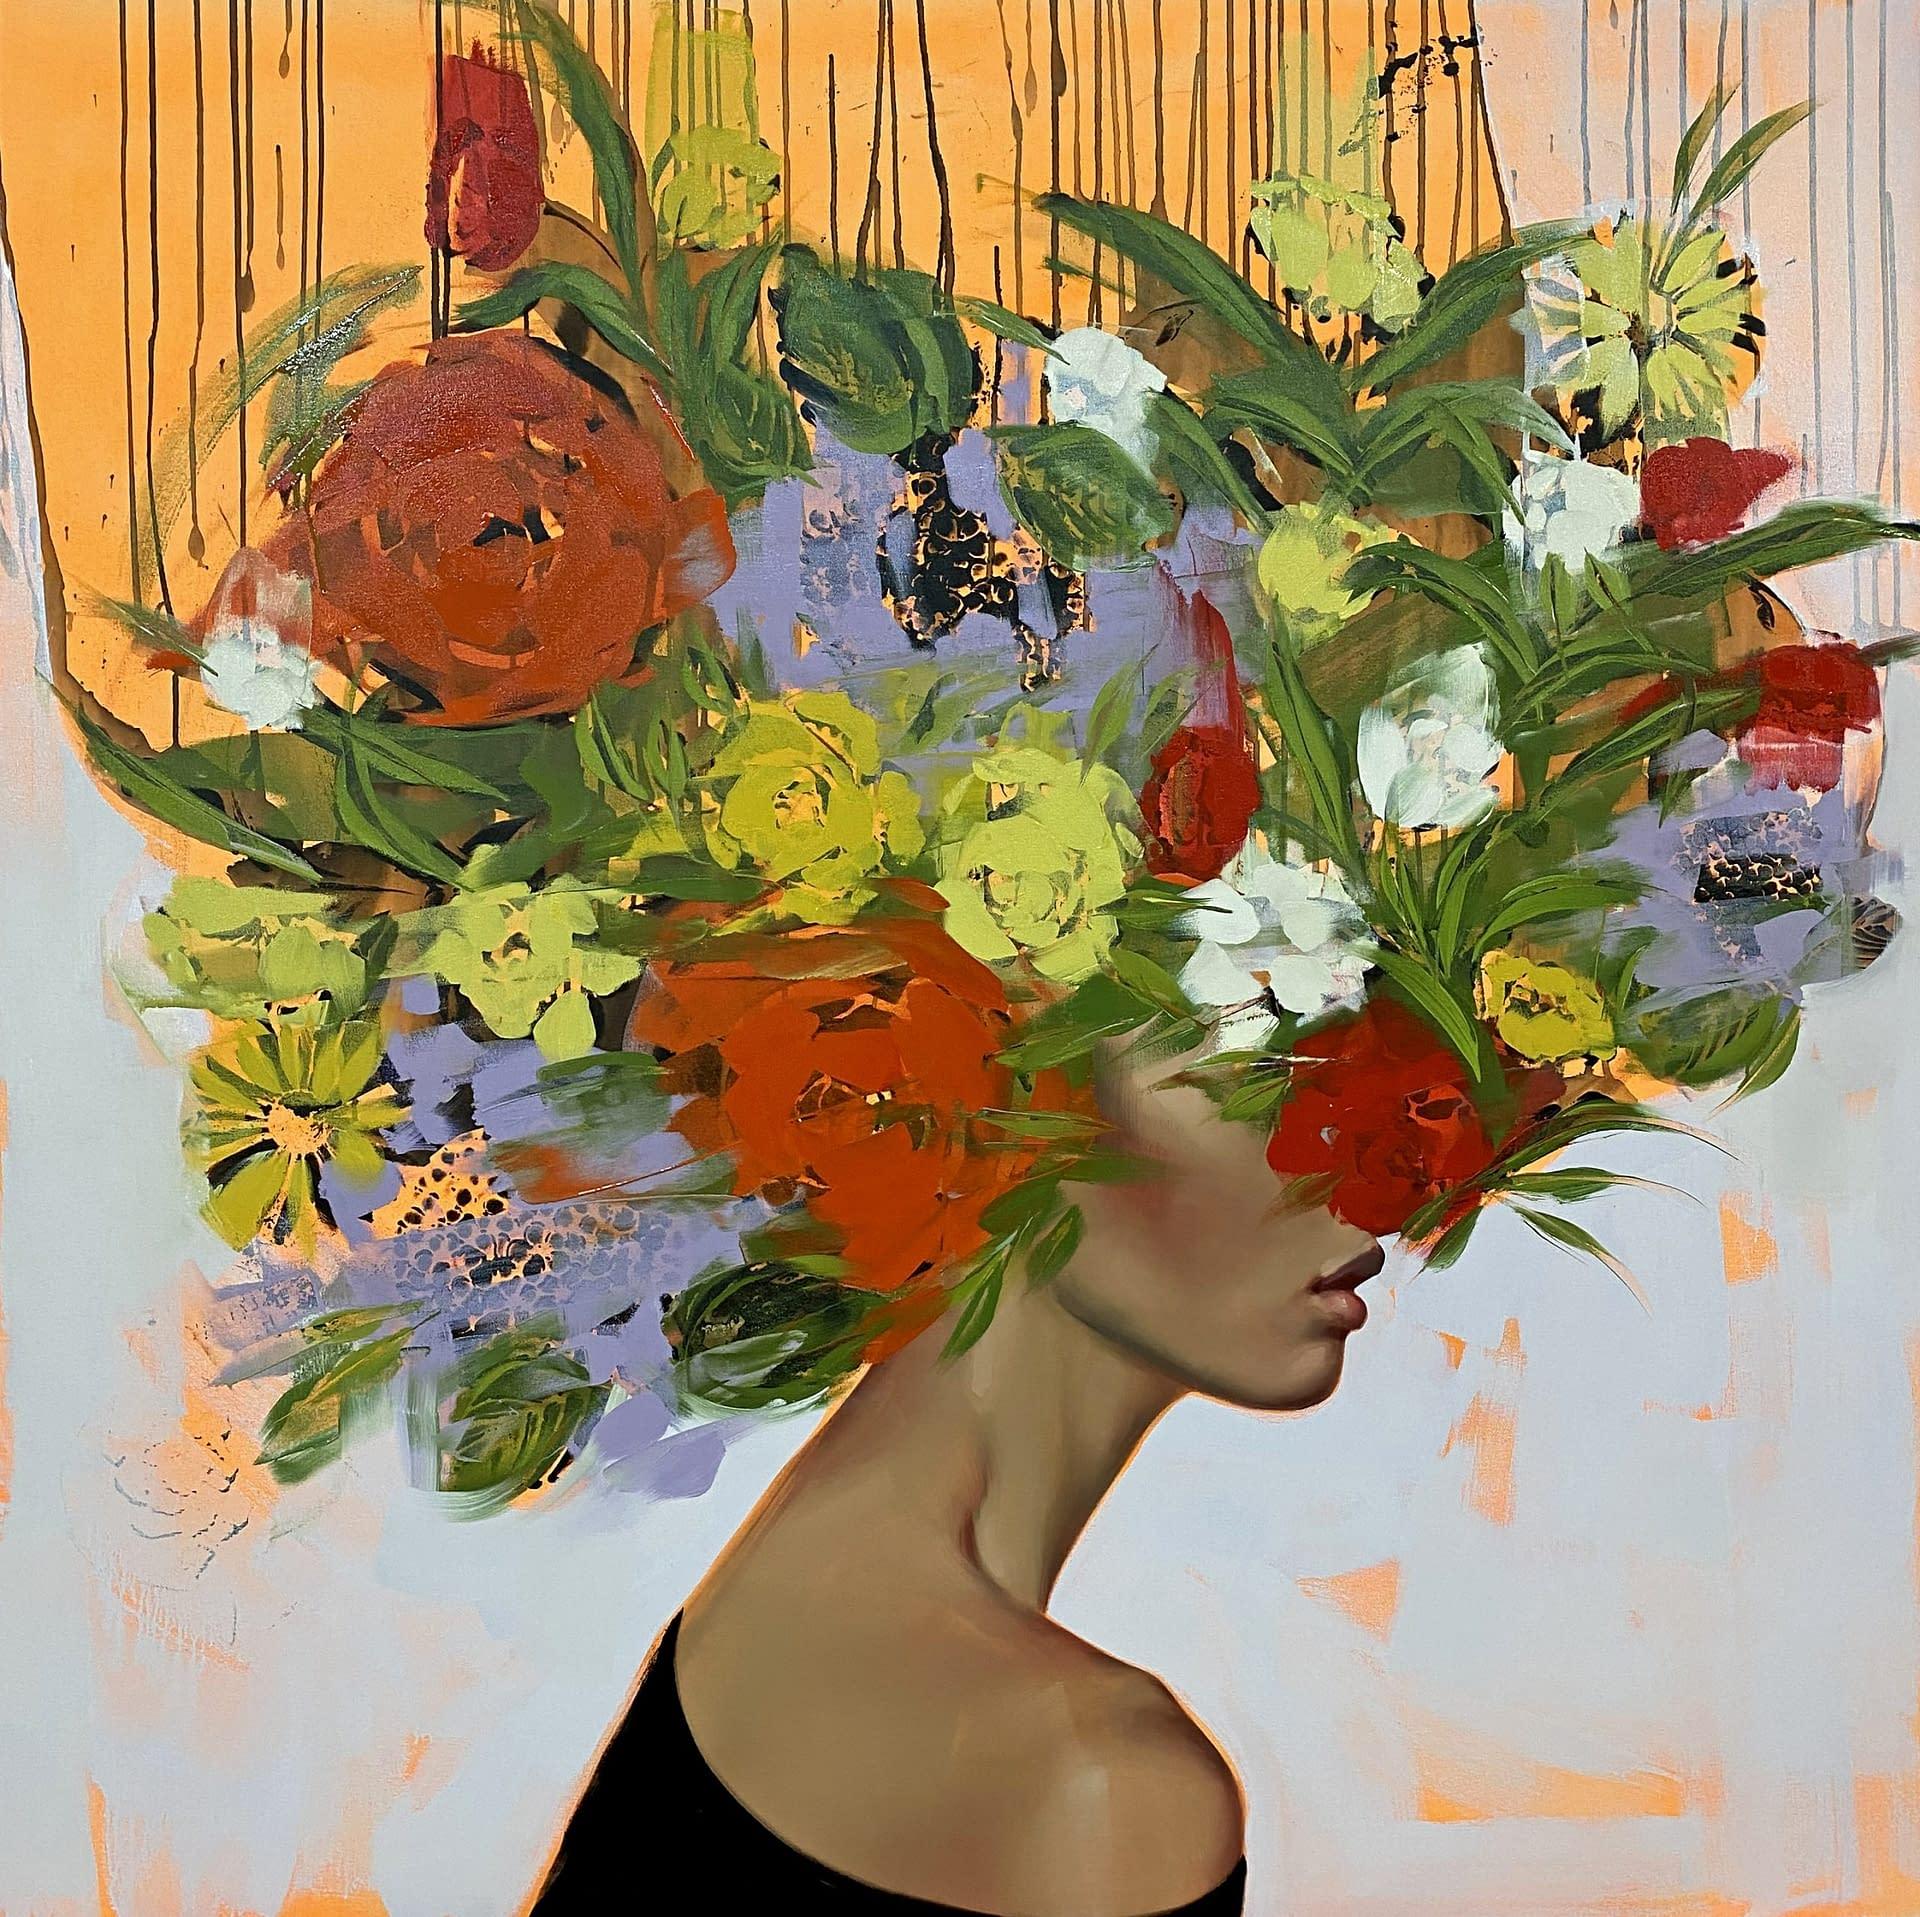 anna kincaide joanne artman gallery oil on canvas lofty dreams